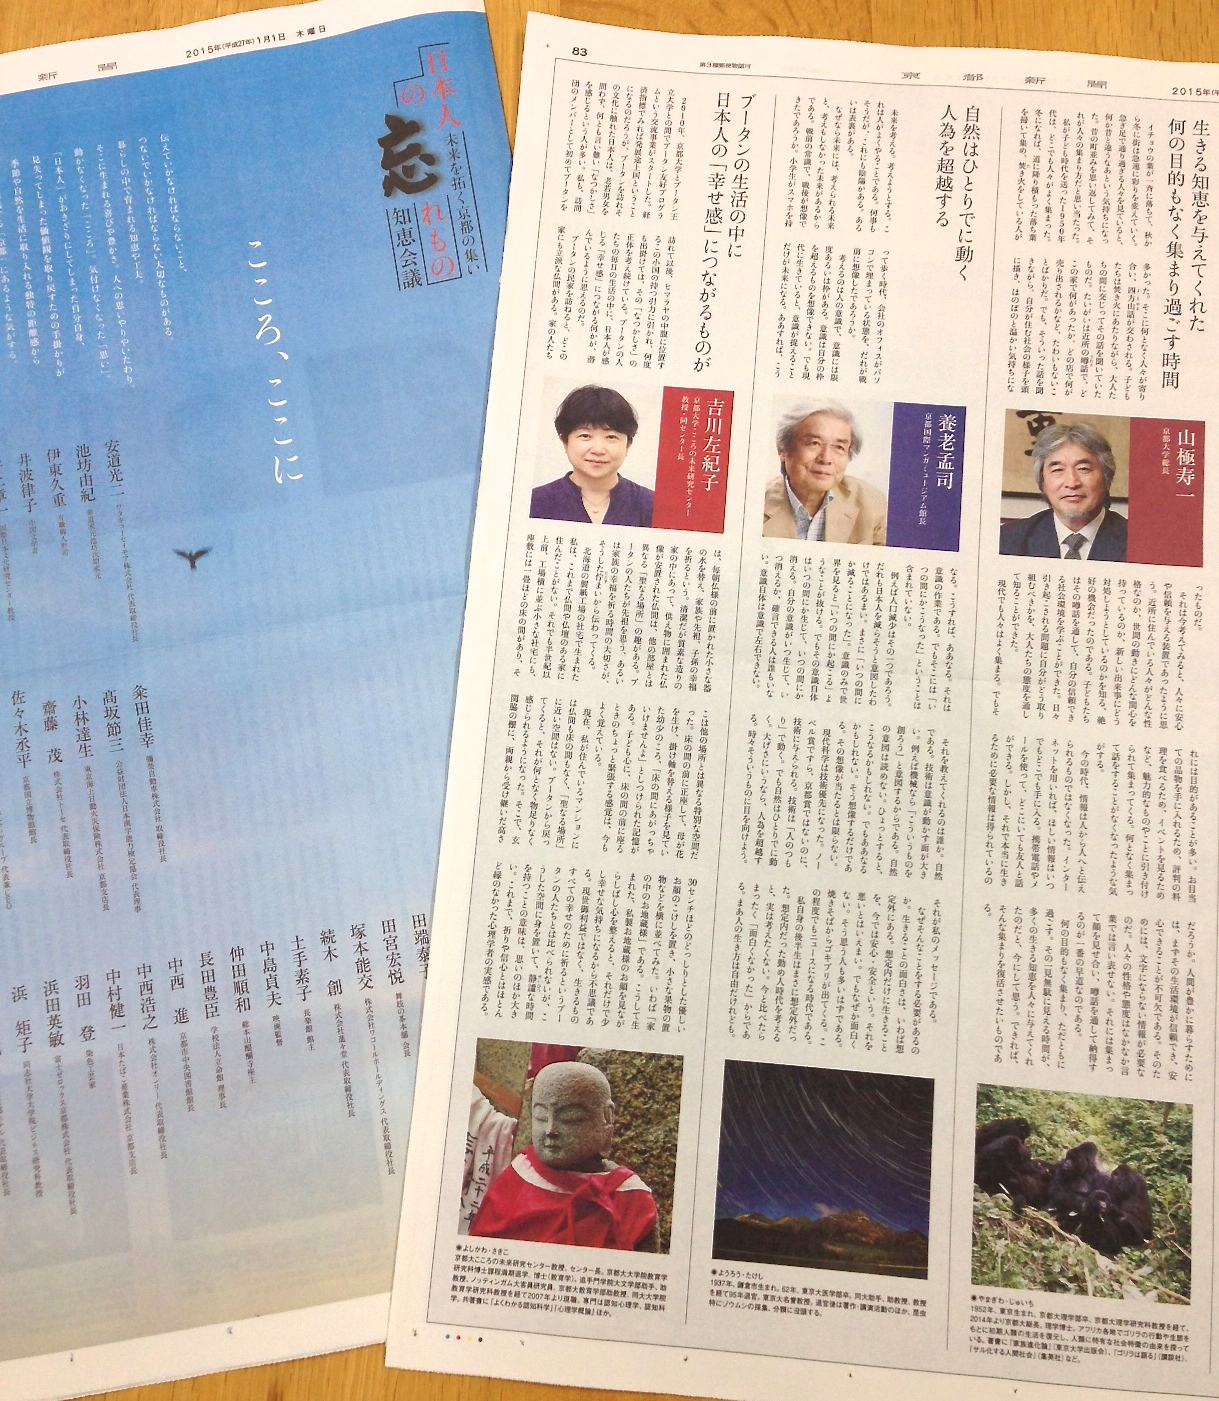 吉川センター長のエッセイが京都新聞の元日特集に掲載されました